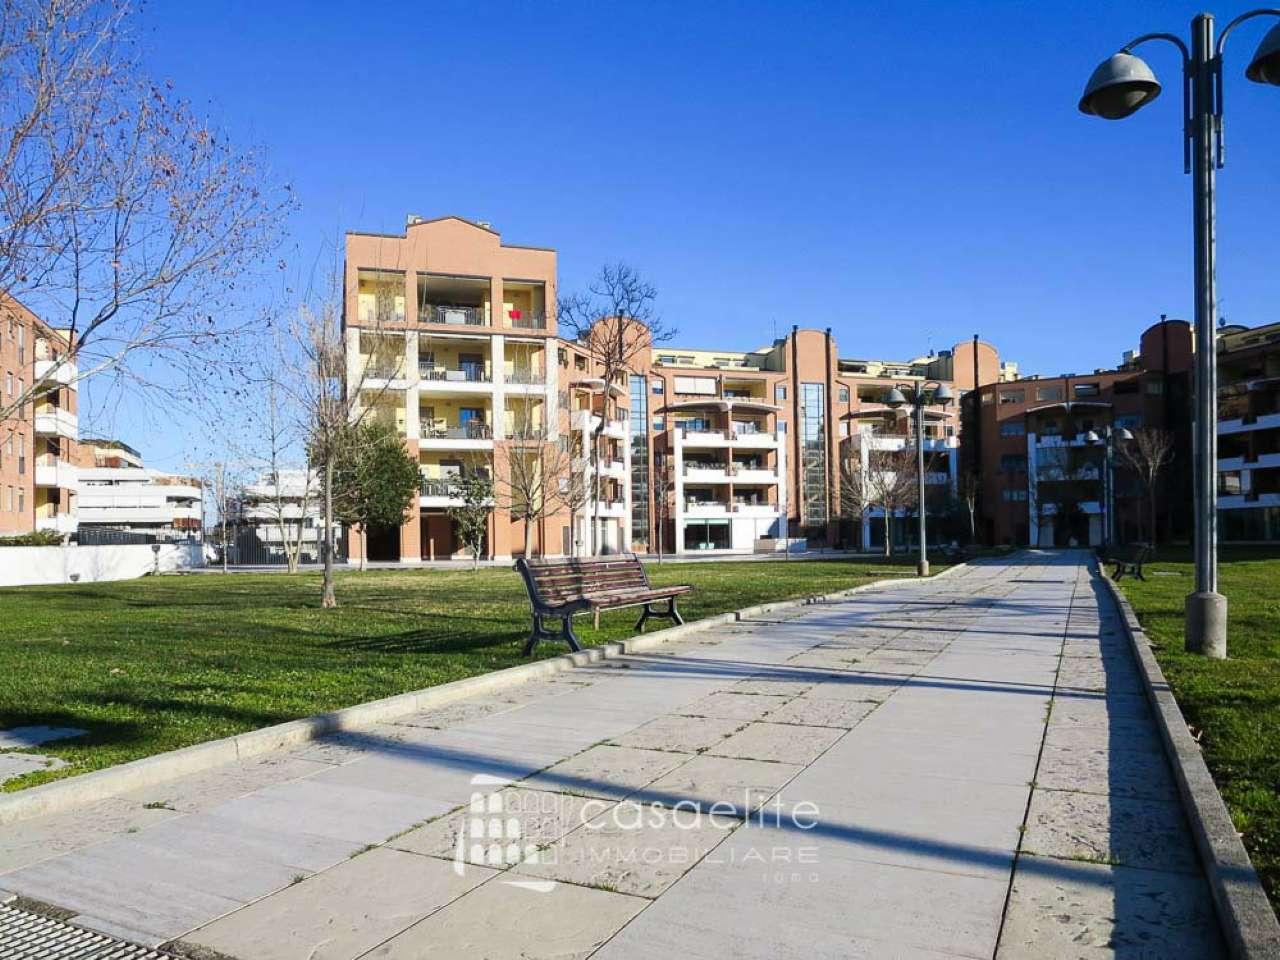 Appartamento in vendita a Roma, 1 locali, zona Zona: 22 . Eur - Torrino - Spinaceto, prezzo € 179.000 | CambioCasa.it